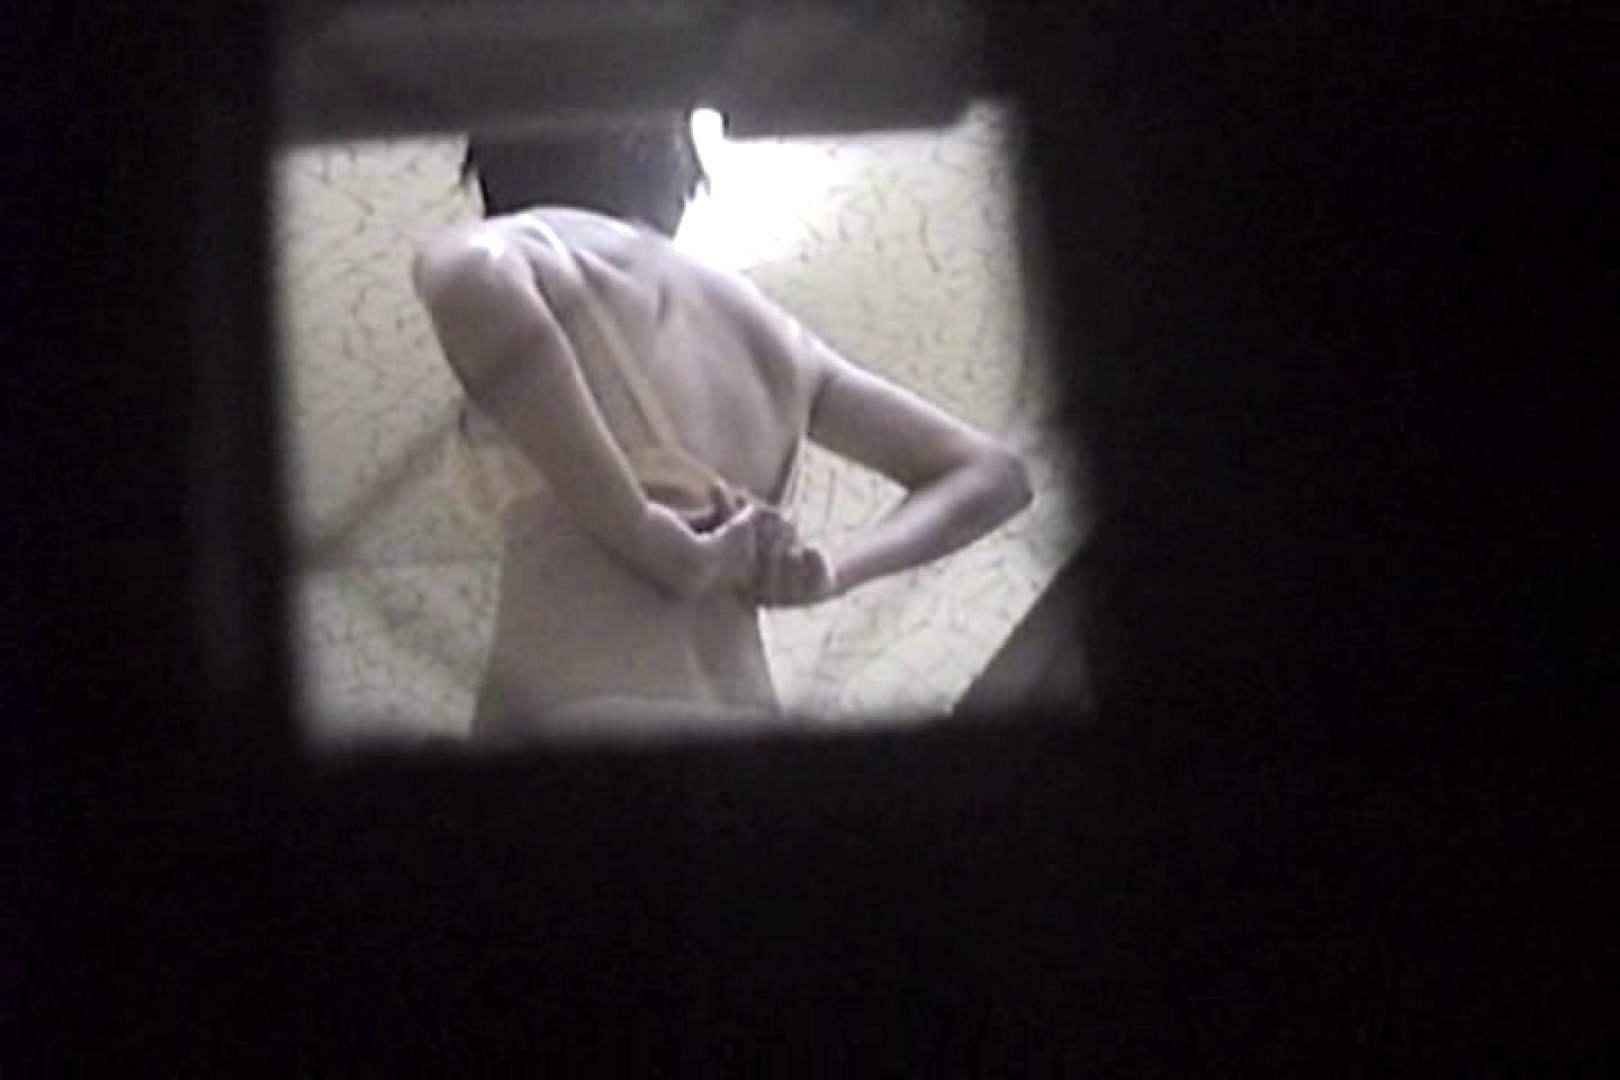 深夜の撮影会Vol.3 OLの実態 隠し撮りオマンコ動画紹介 53pic 42